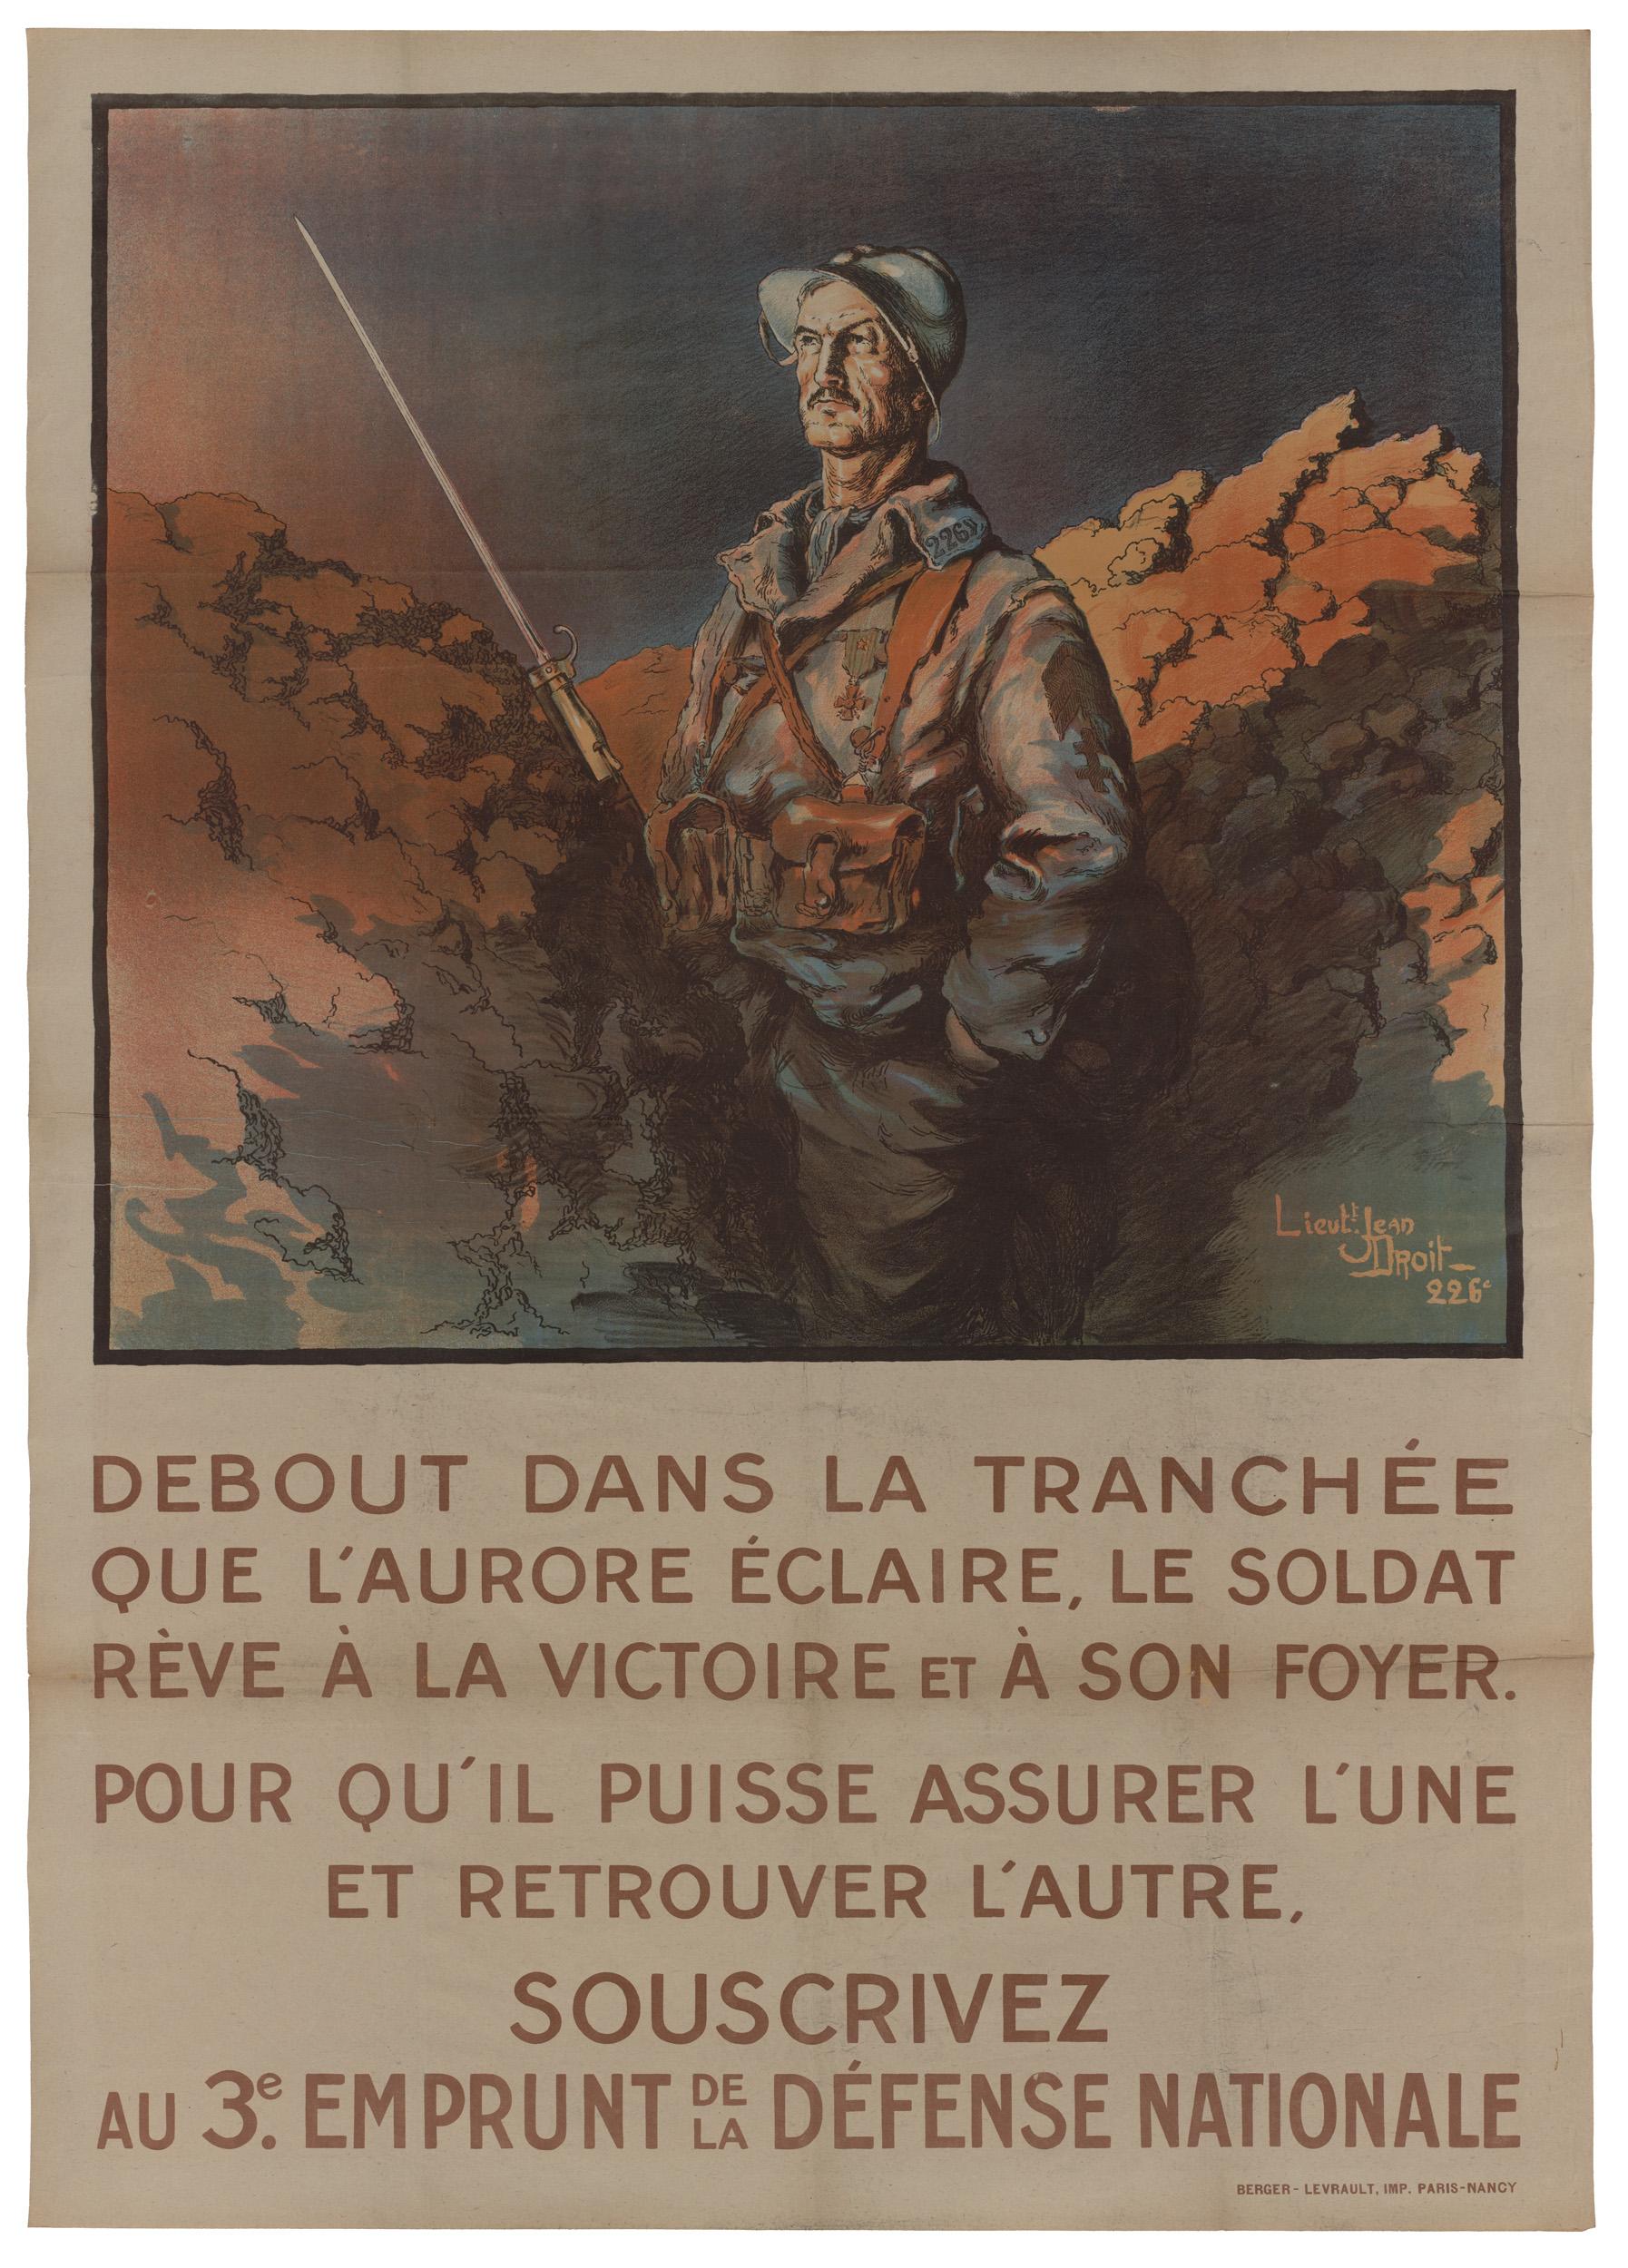 Contenu du Debout dans la tranchée que l'aurore éclaire, le soldat rêve à la victoire et à son foyer. Pour qu'il puisse assurer l'une et retrouver l'autre, souscrivez au 3e emprunt de la défense nationale